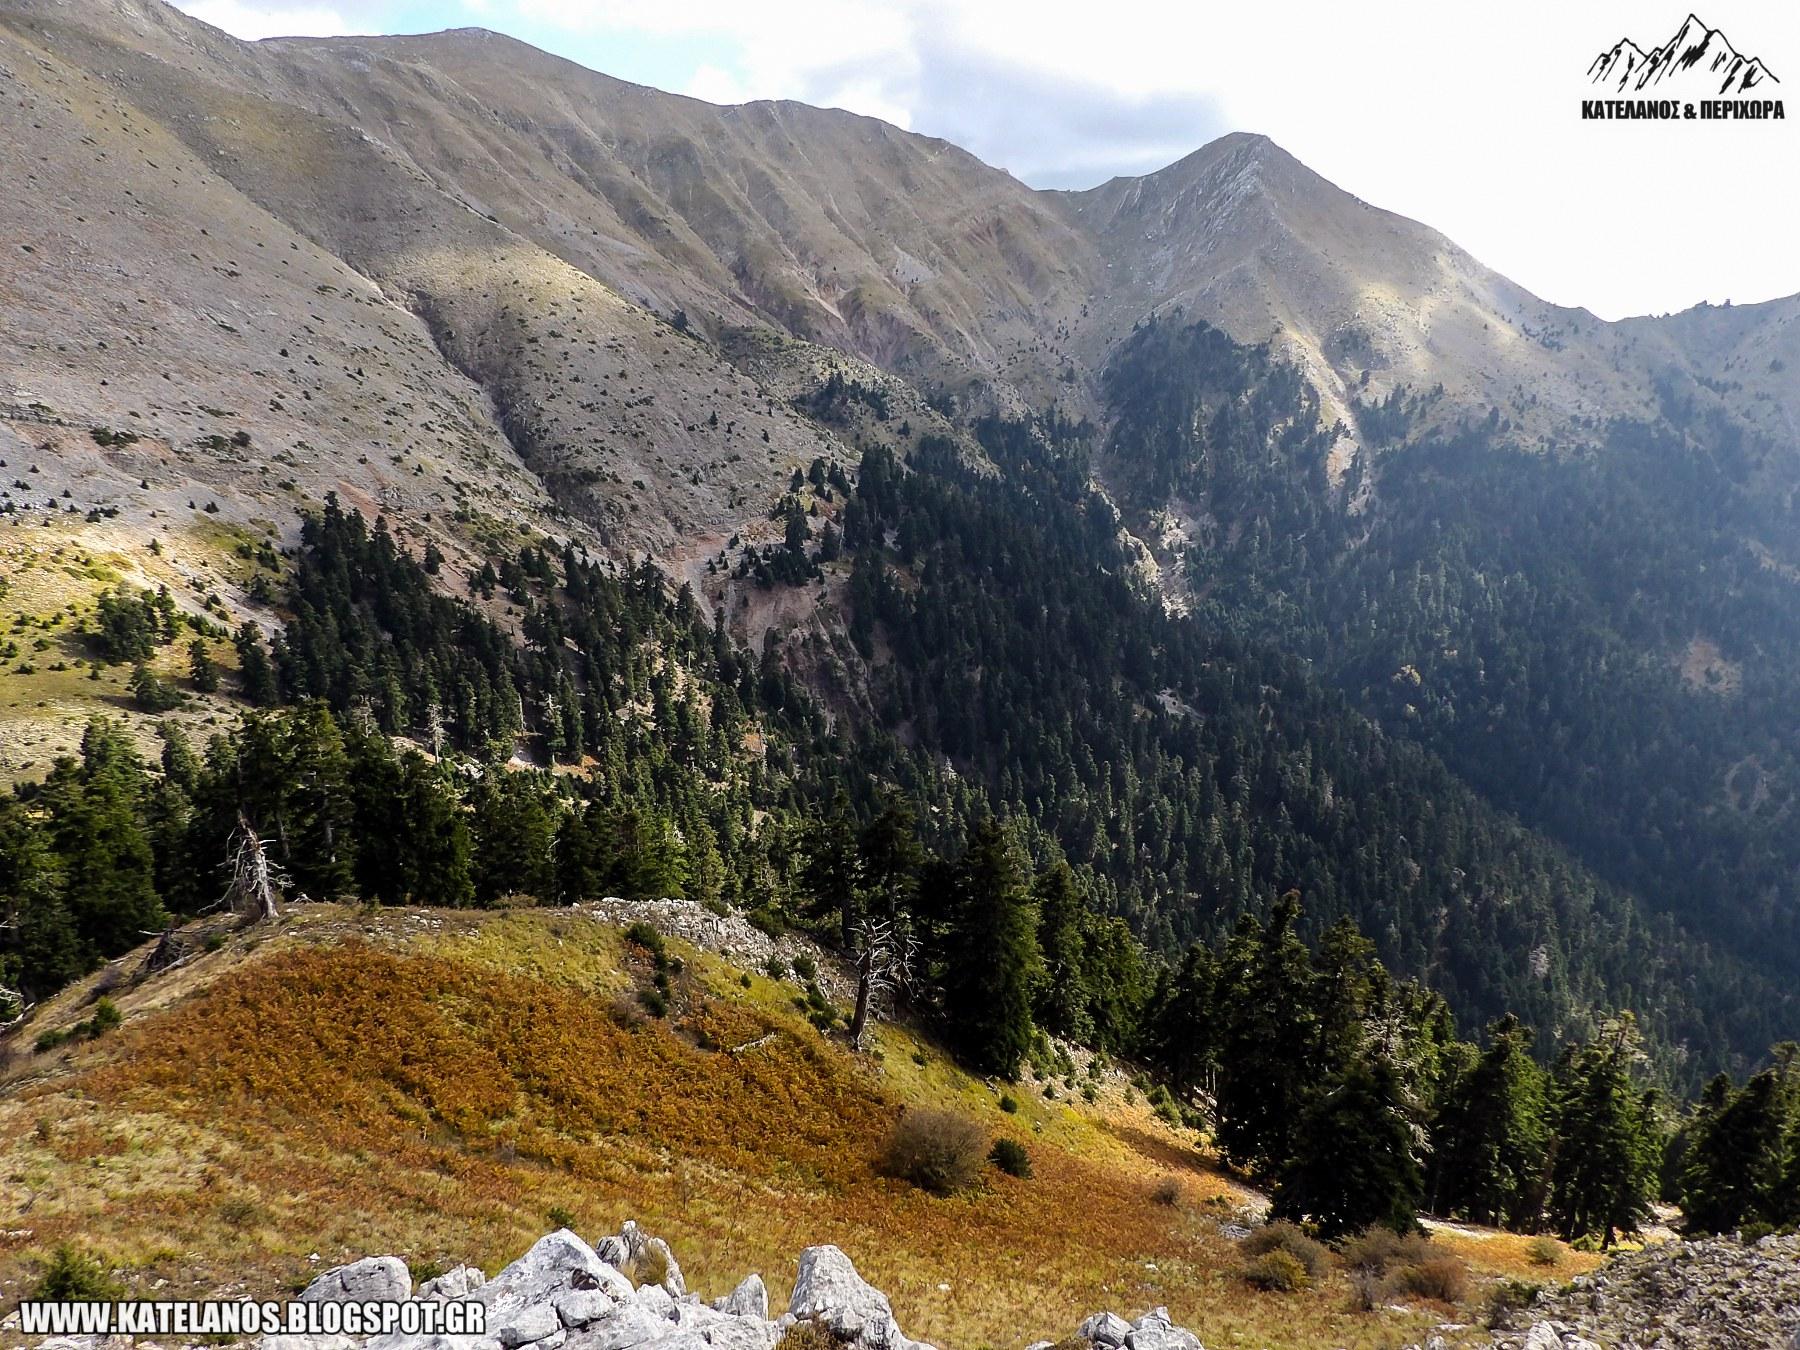 νομός αιτωλοακαρνανίας βουνά αξιοθέατα